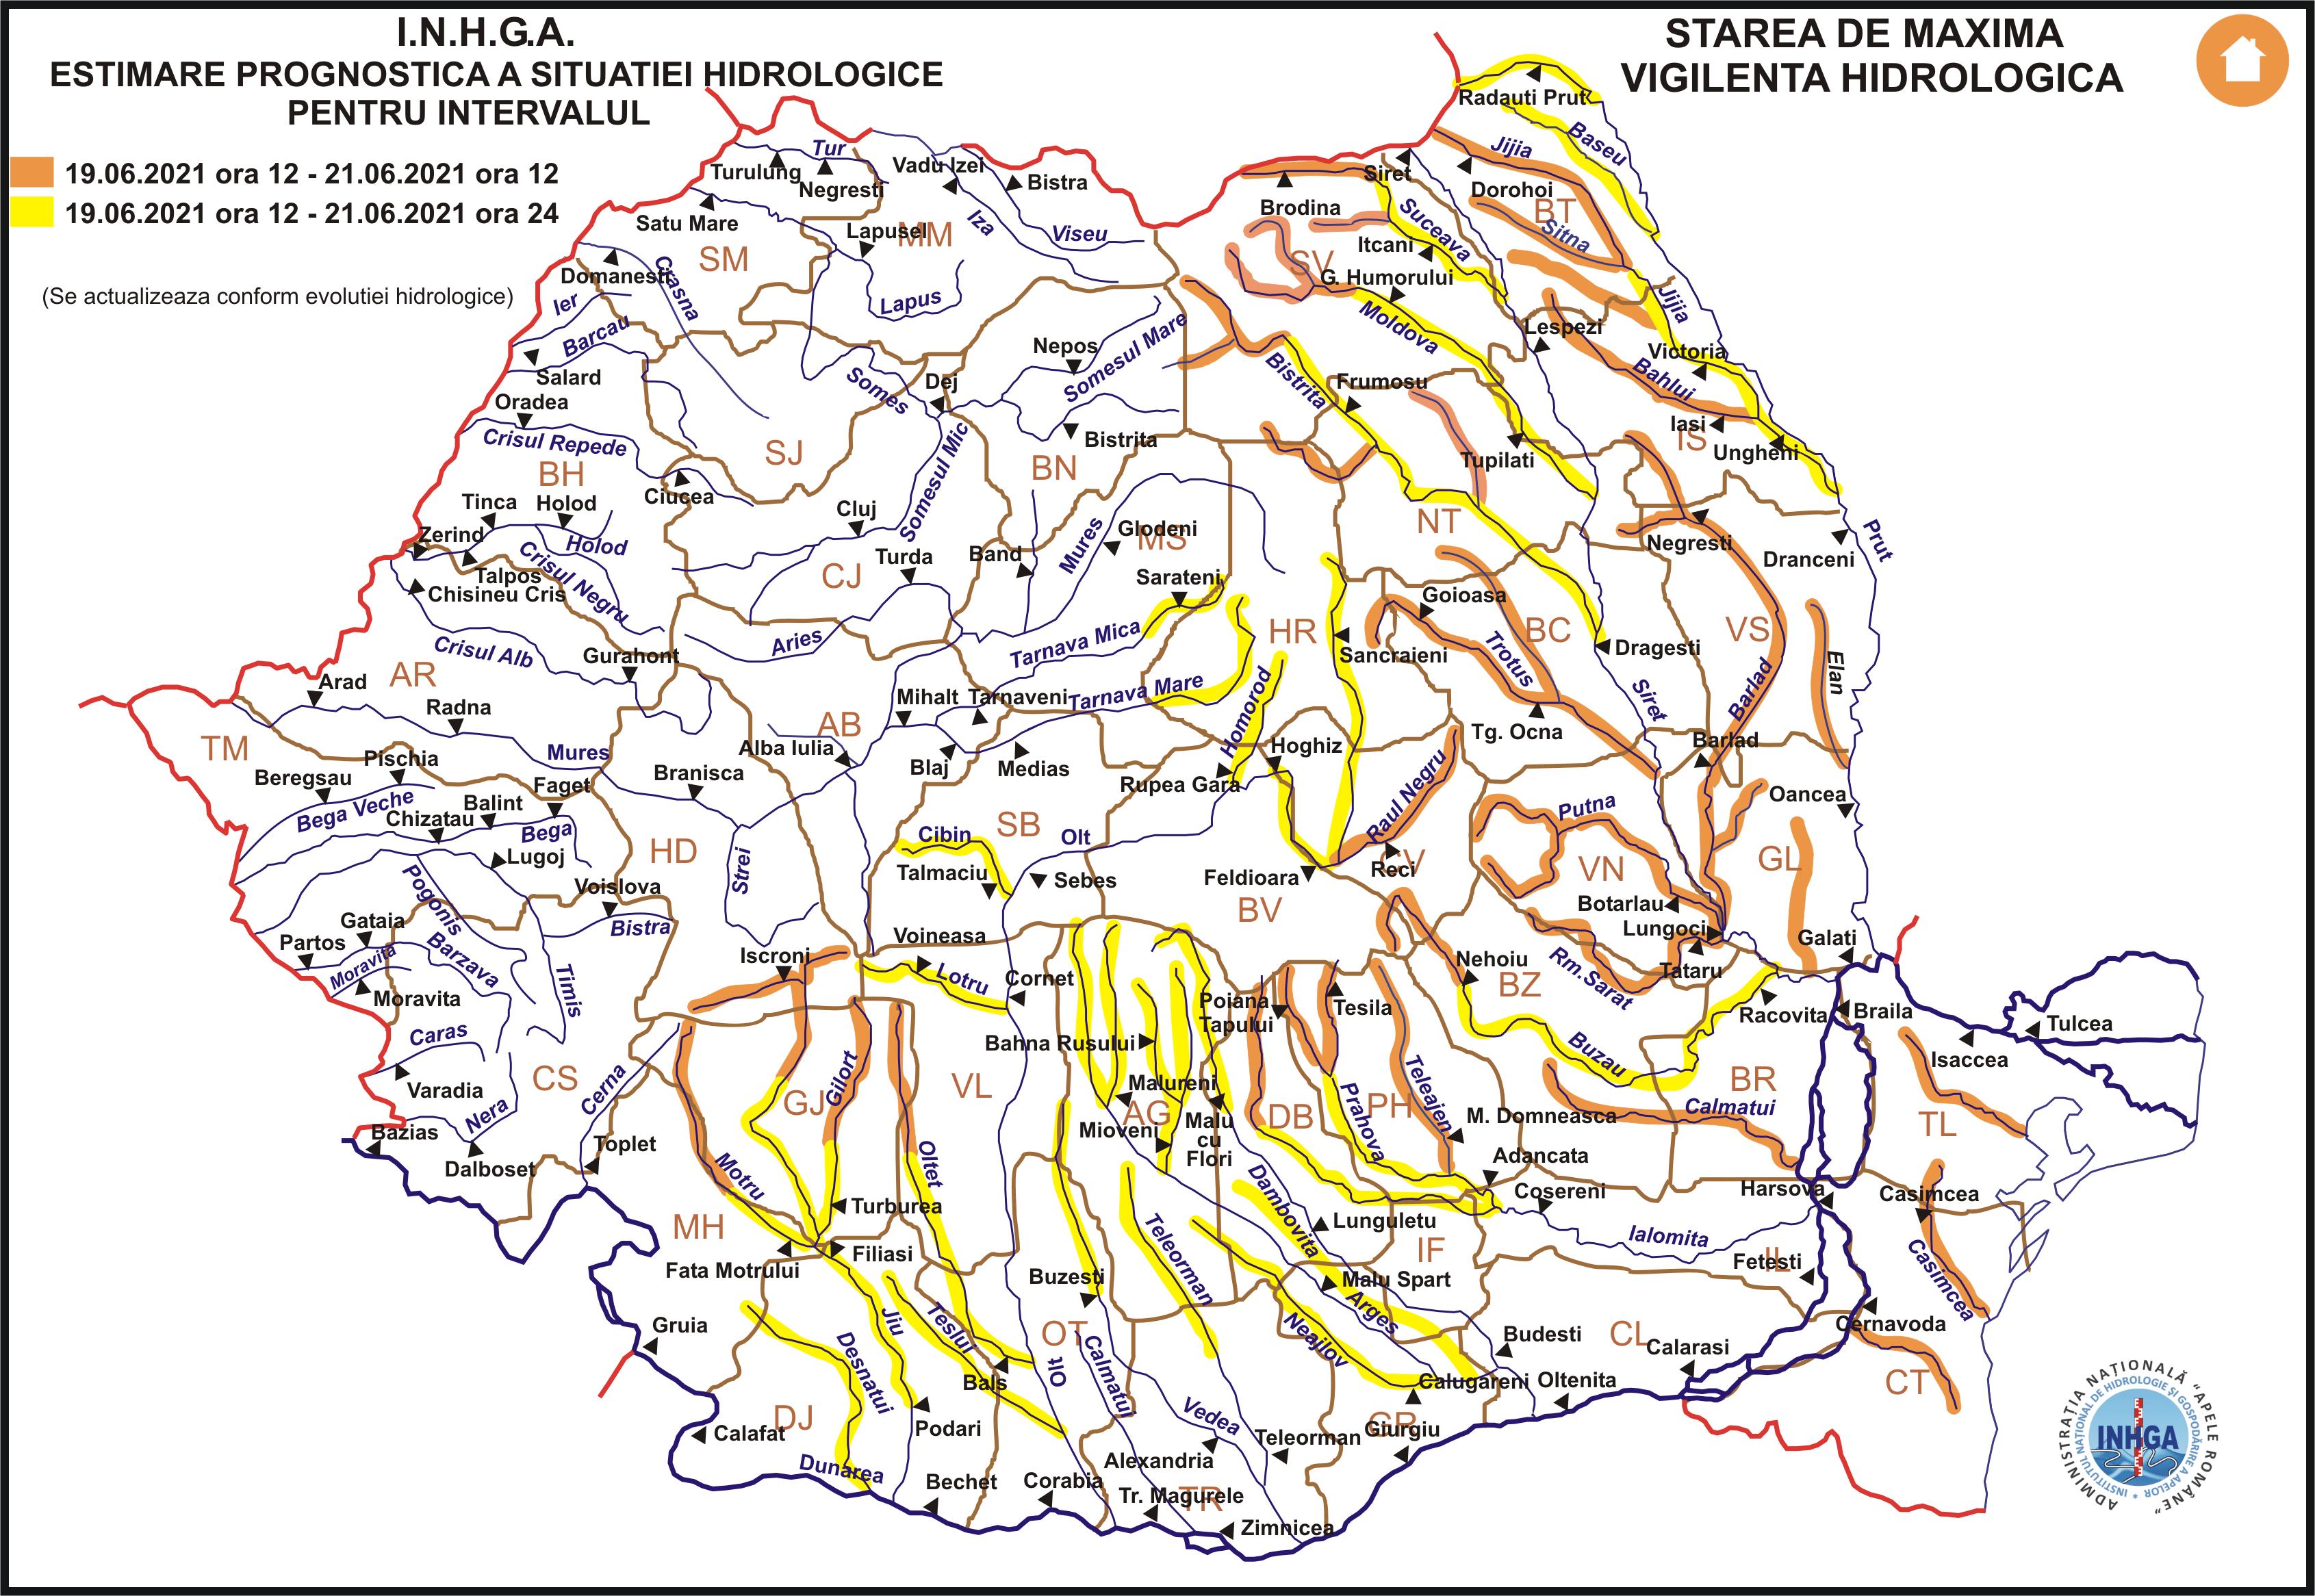 Cod portocaliu de viituri pe râurile din mai multe județe, inclusiv în Prahova